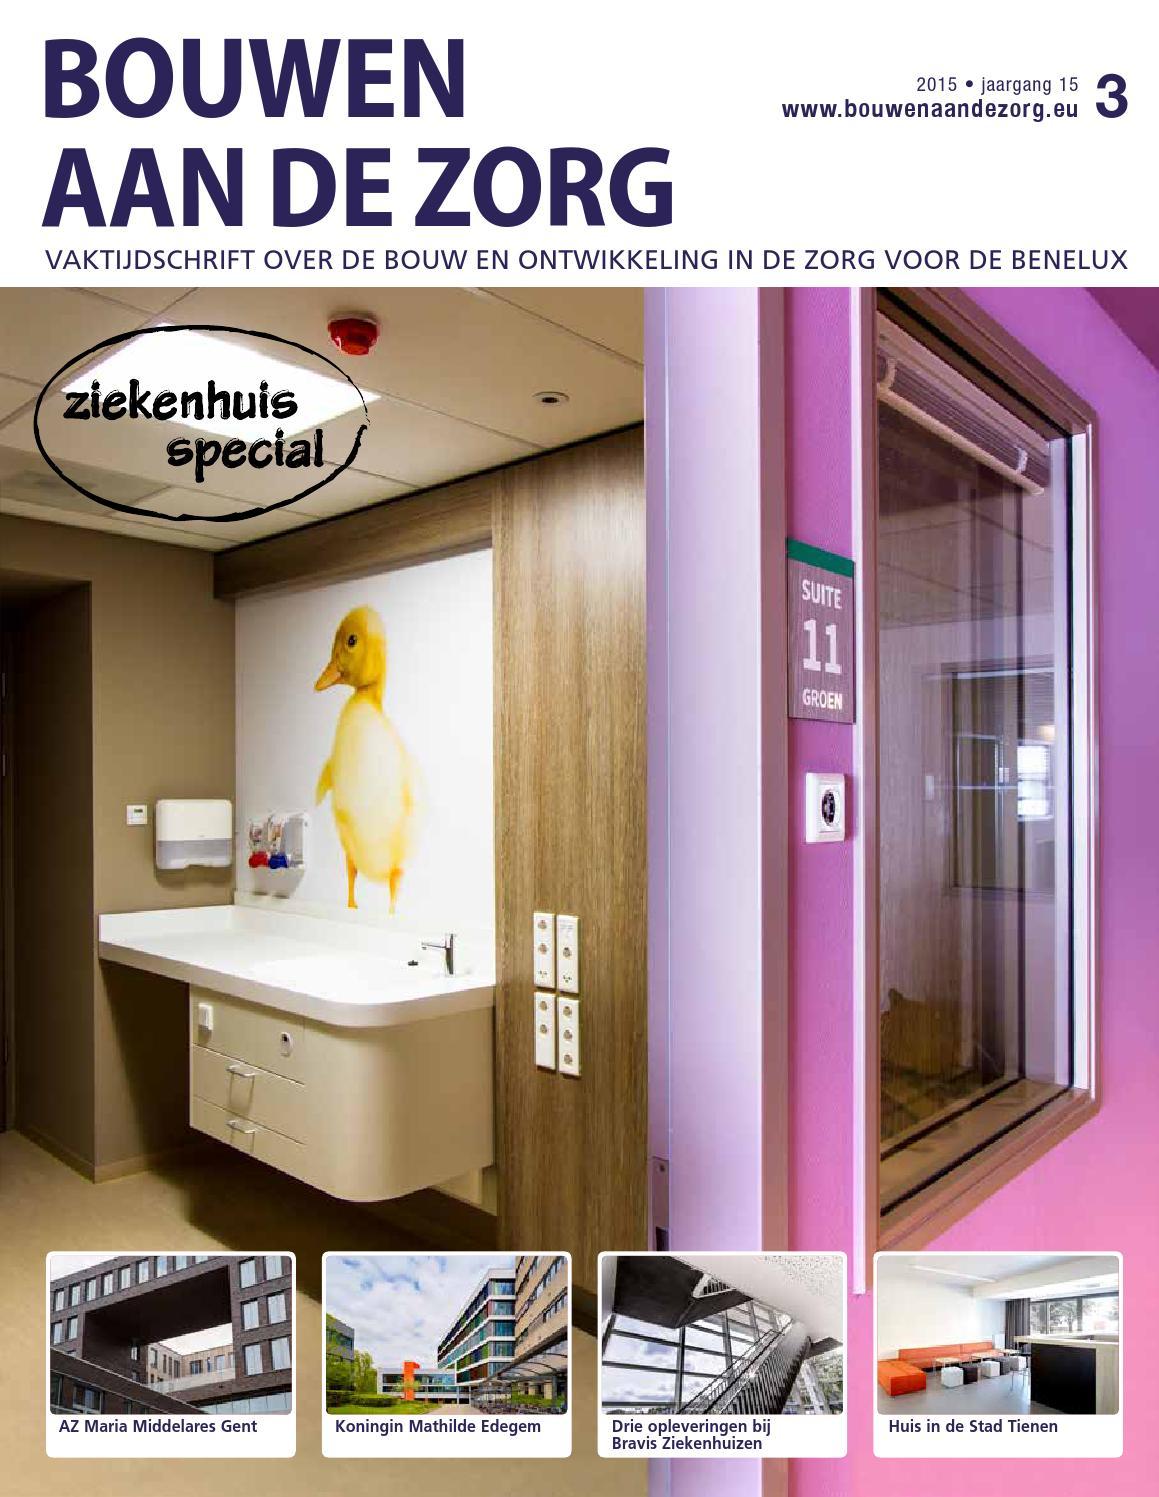 Bouwen aan de zorg 03 2014 by louwers uitgeversorganisatie bv   issuu